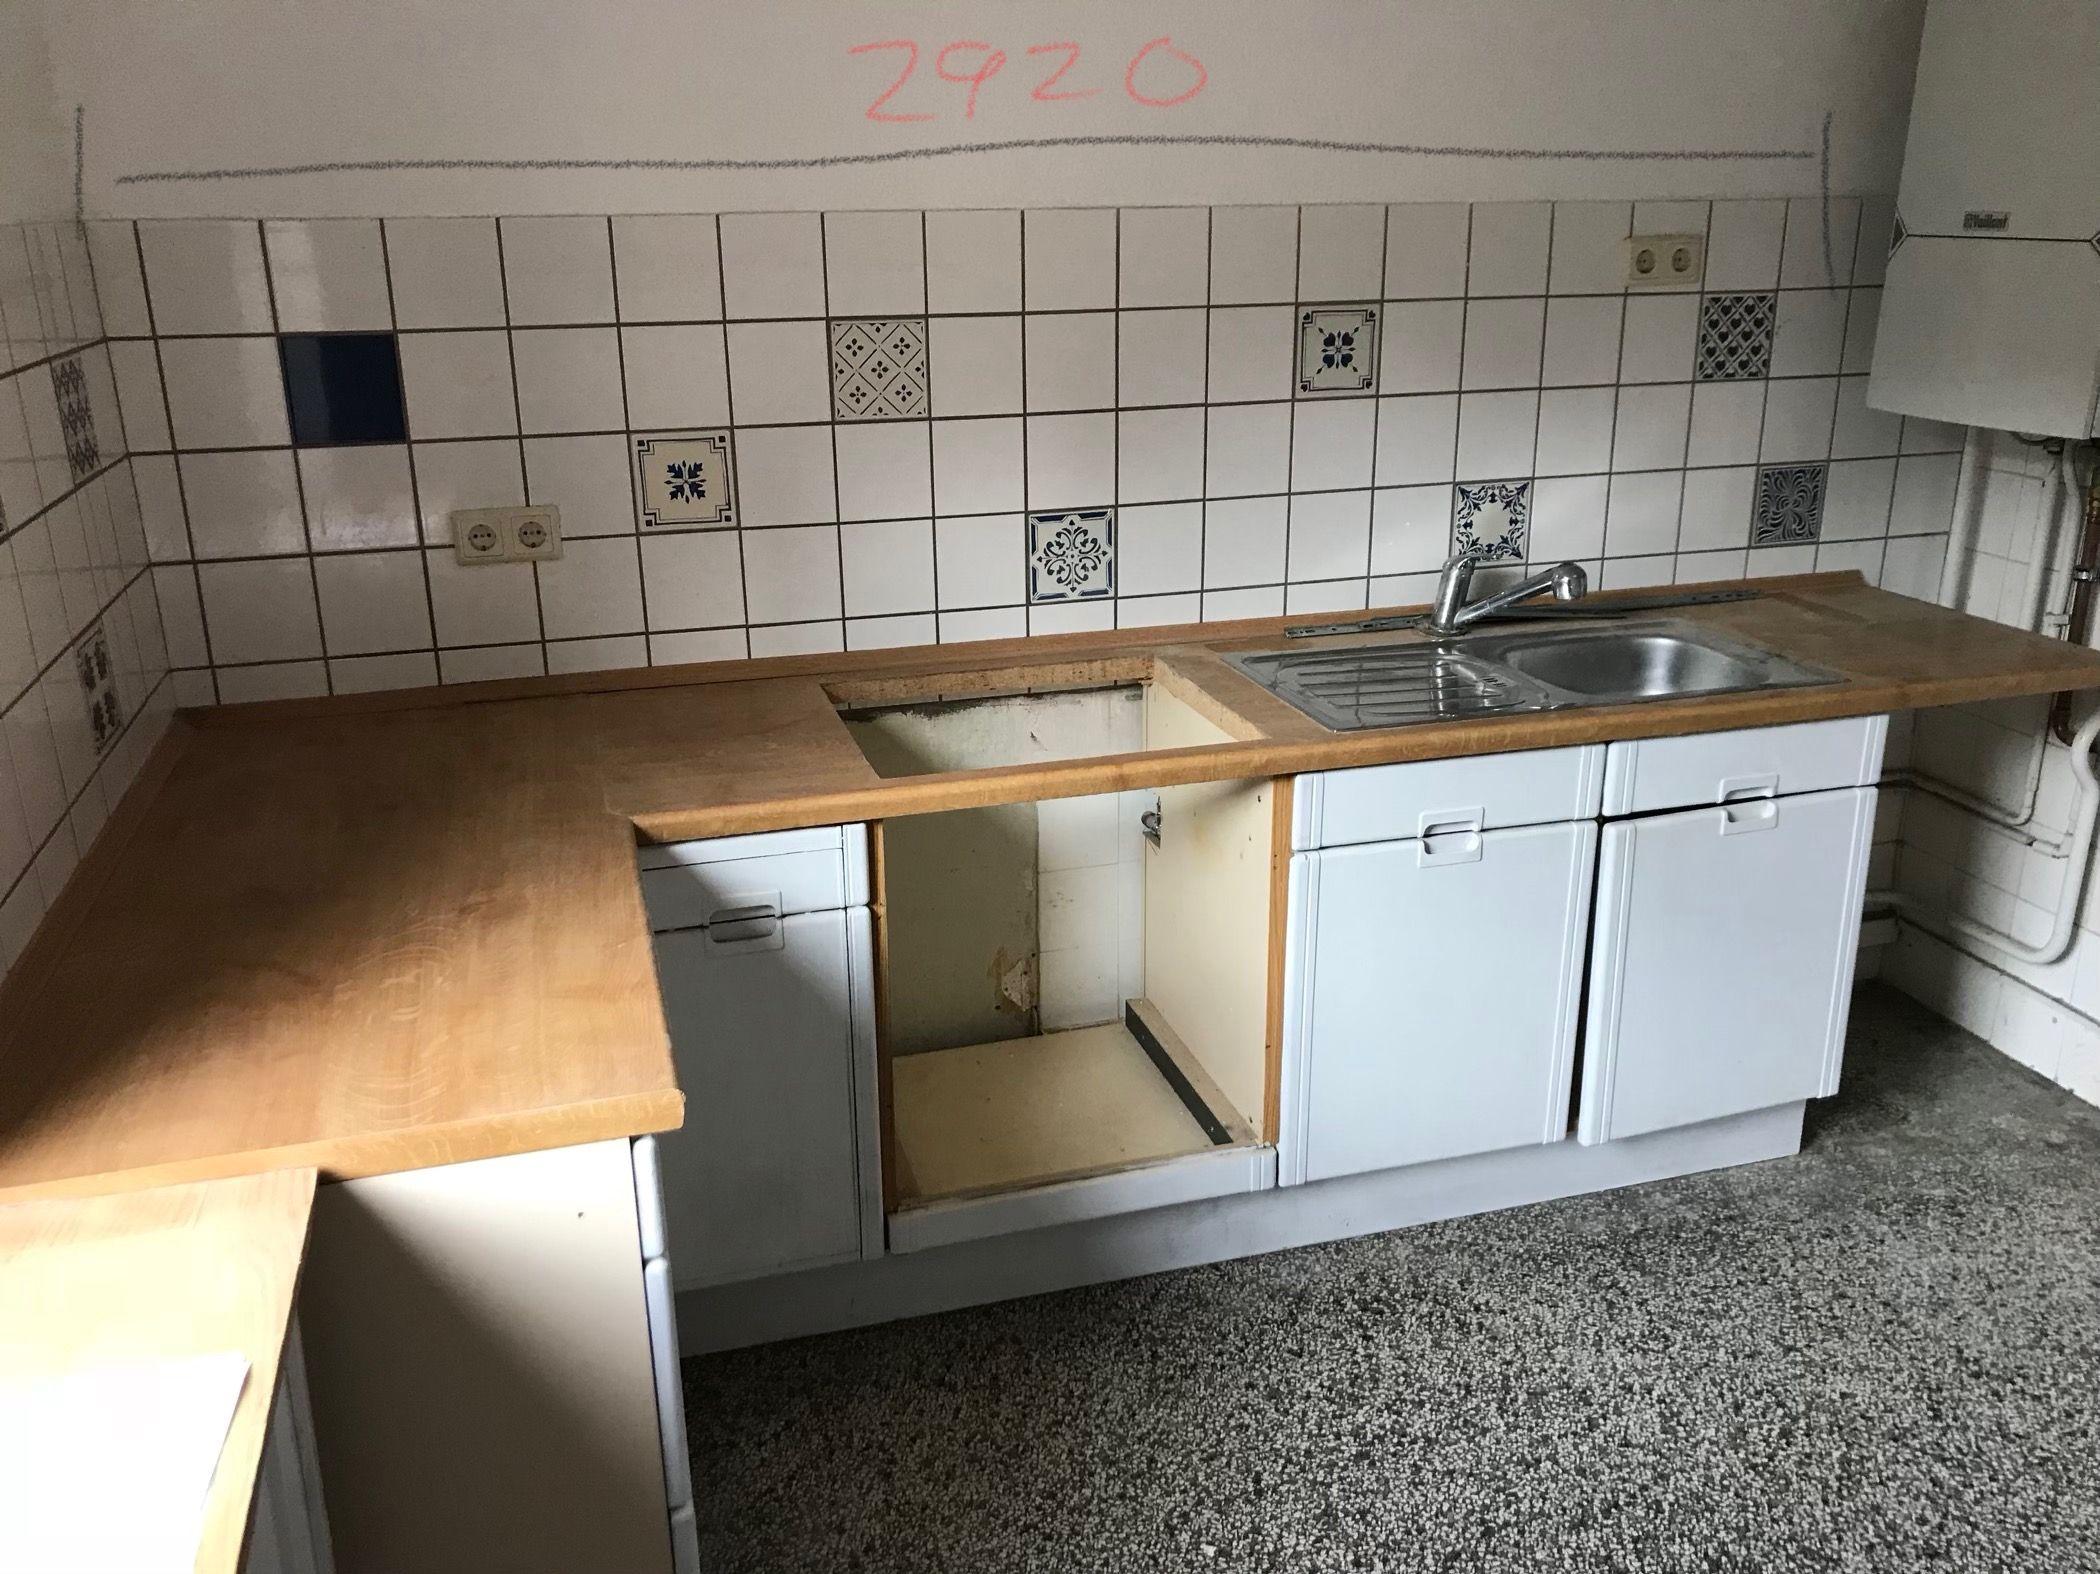 Ausgezeichnet Küche Renovierung Diy Ideen Bilder - Küchen Design ...